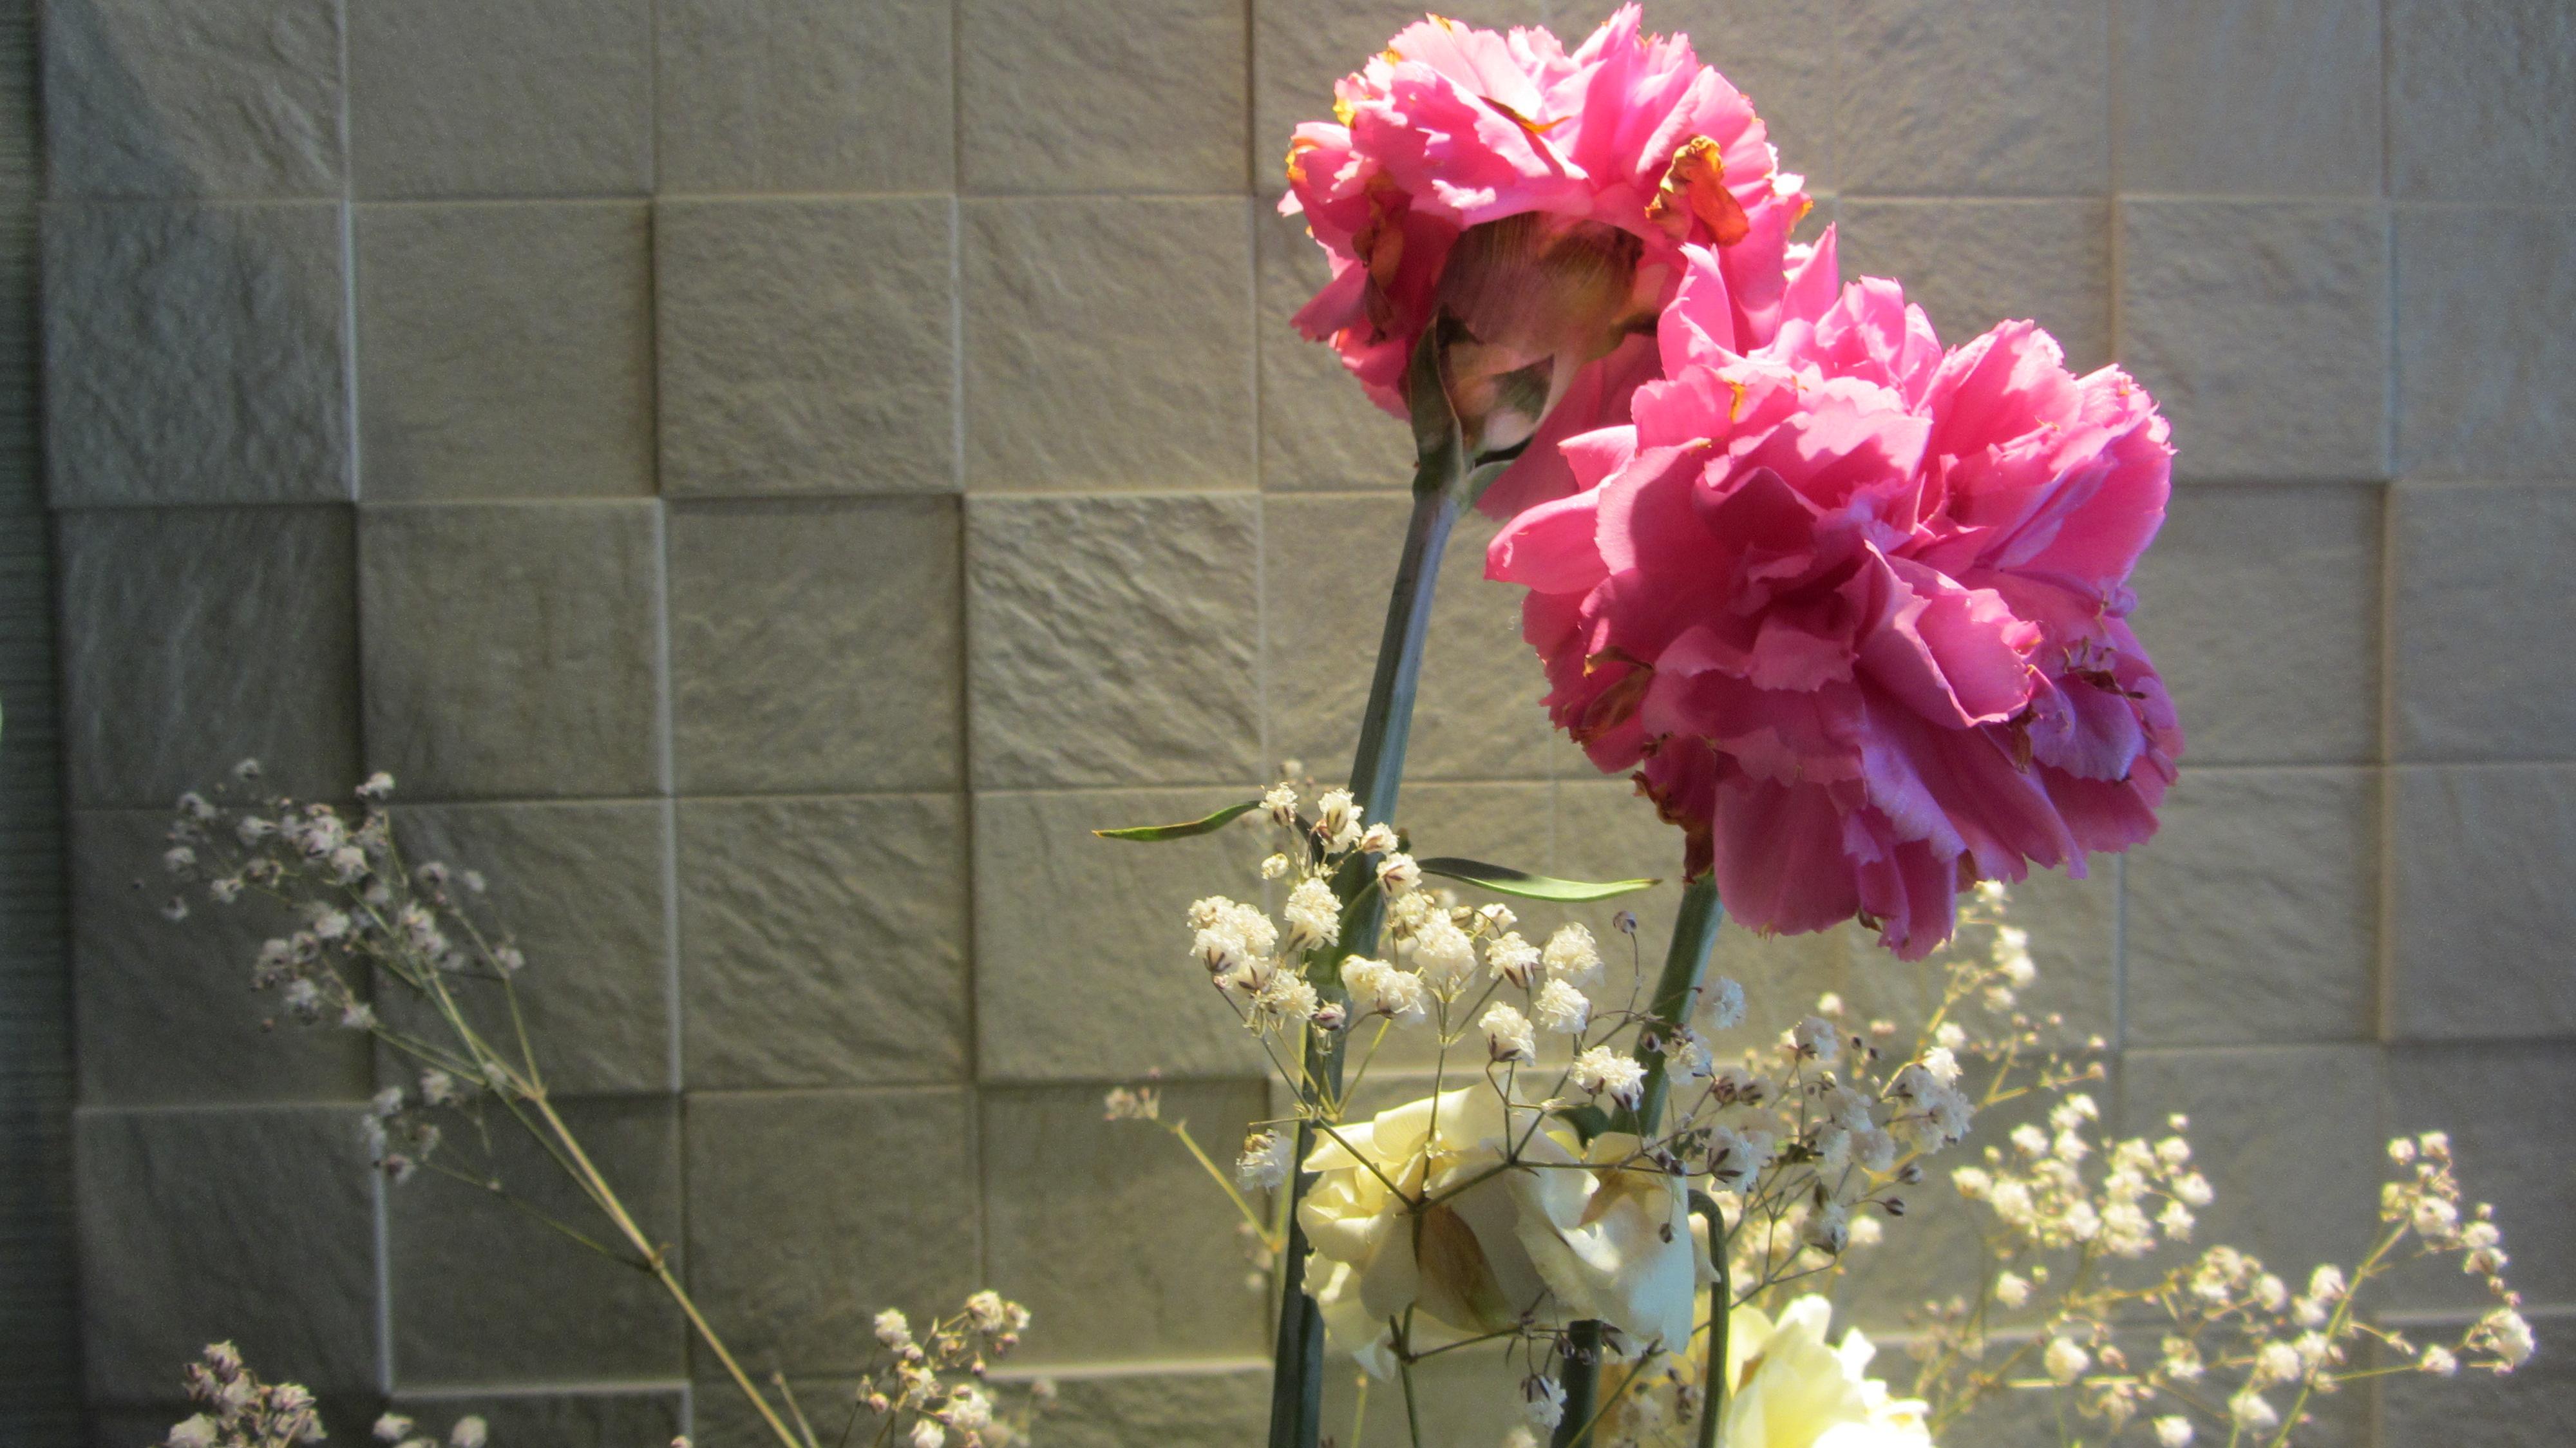 奈良整体カイロプラクティック 西大寺整体カイロプラクティックの花